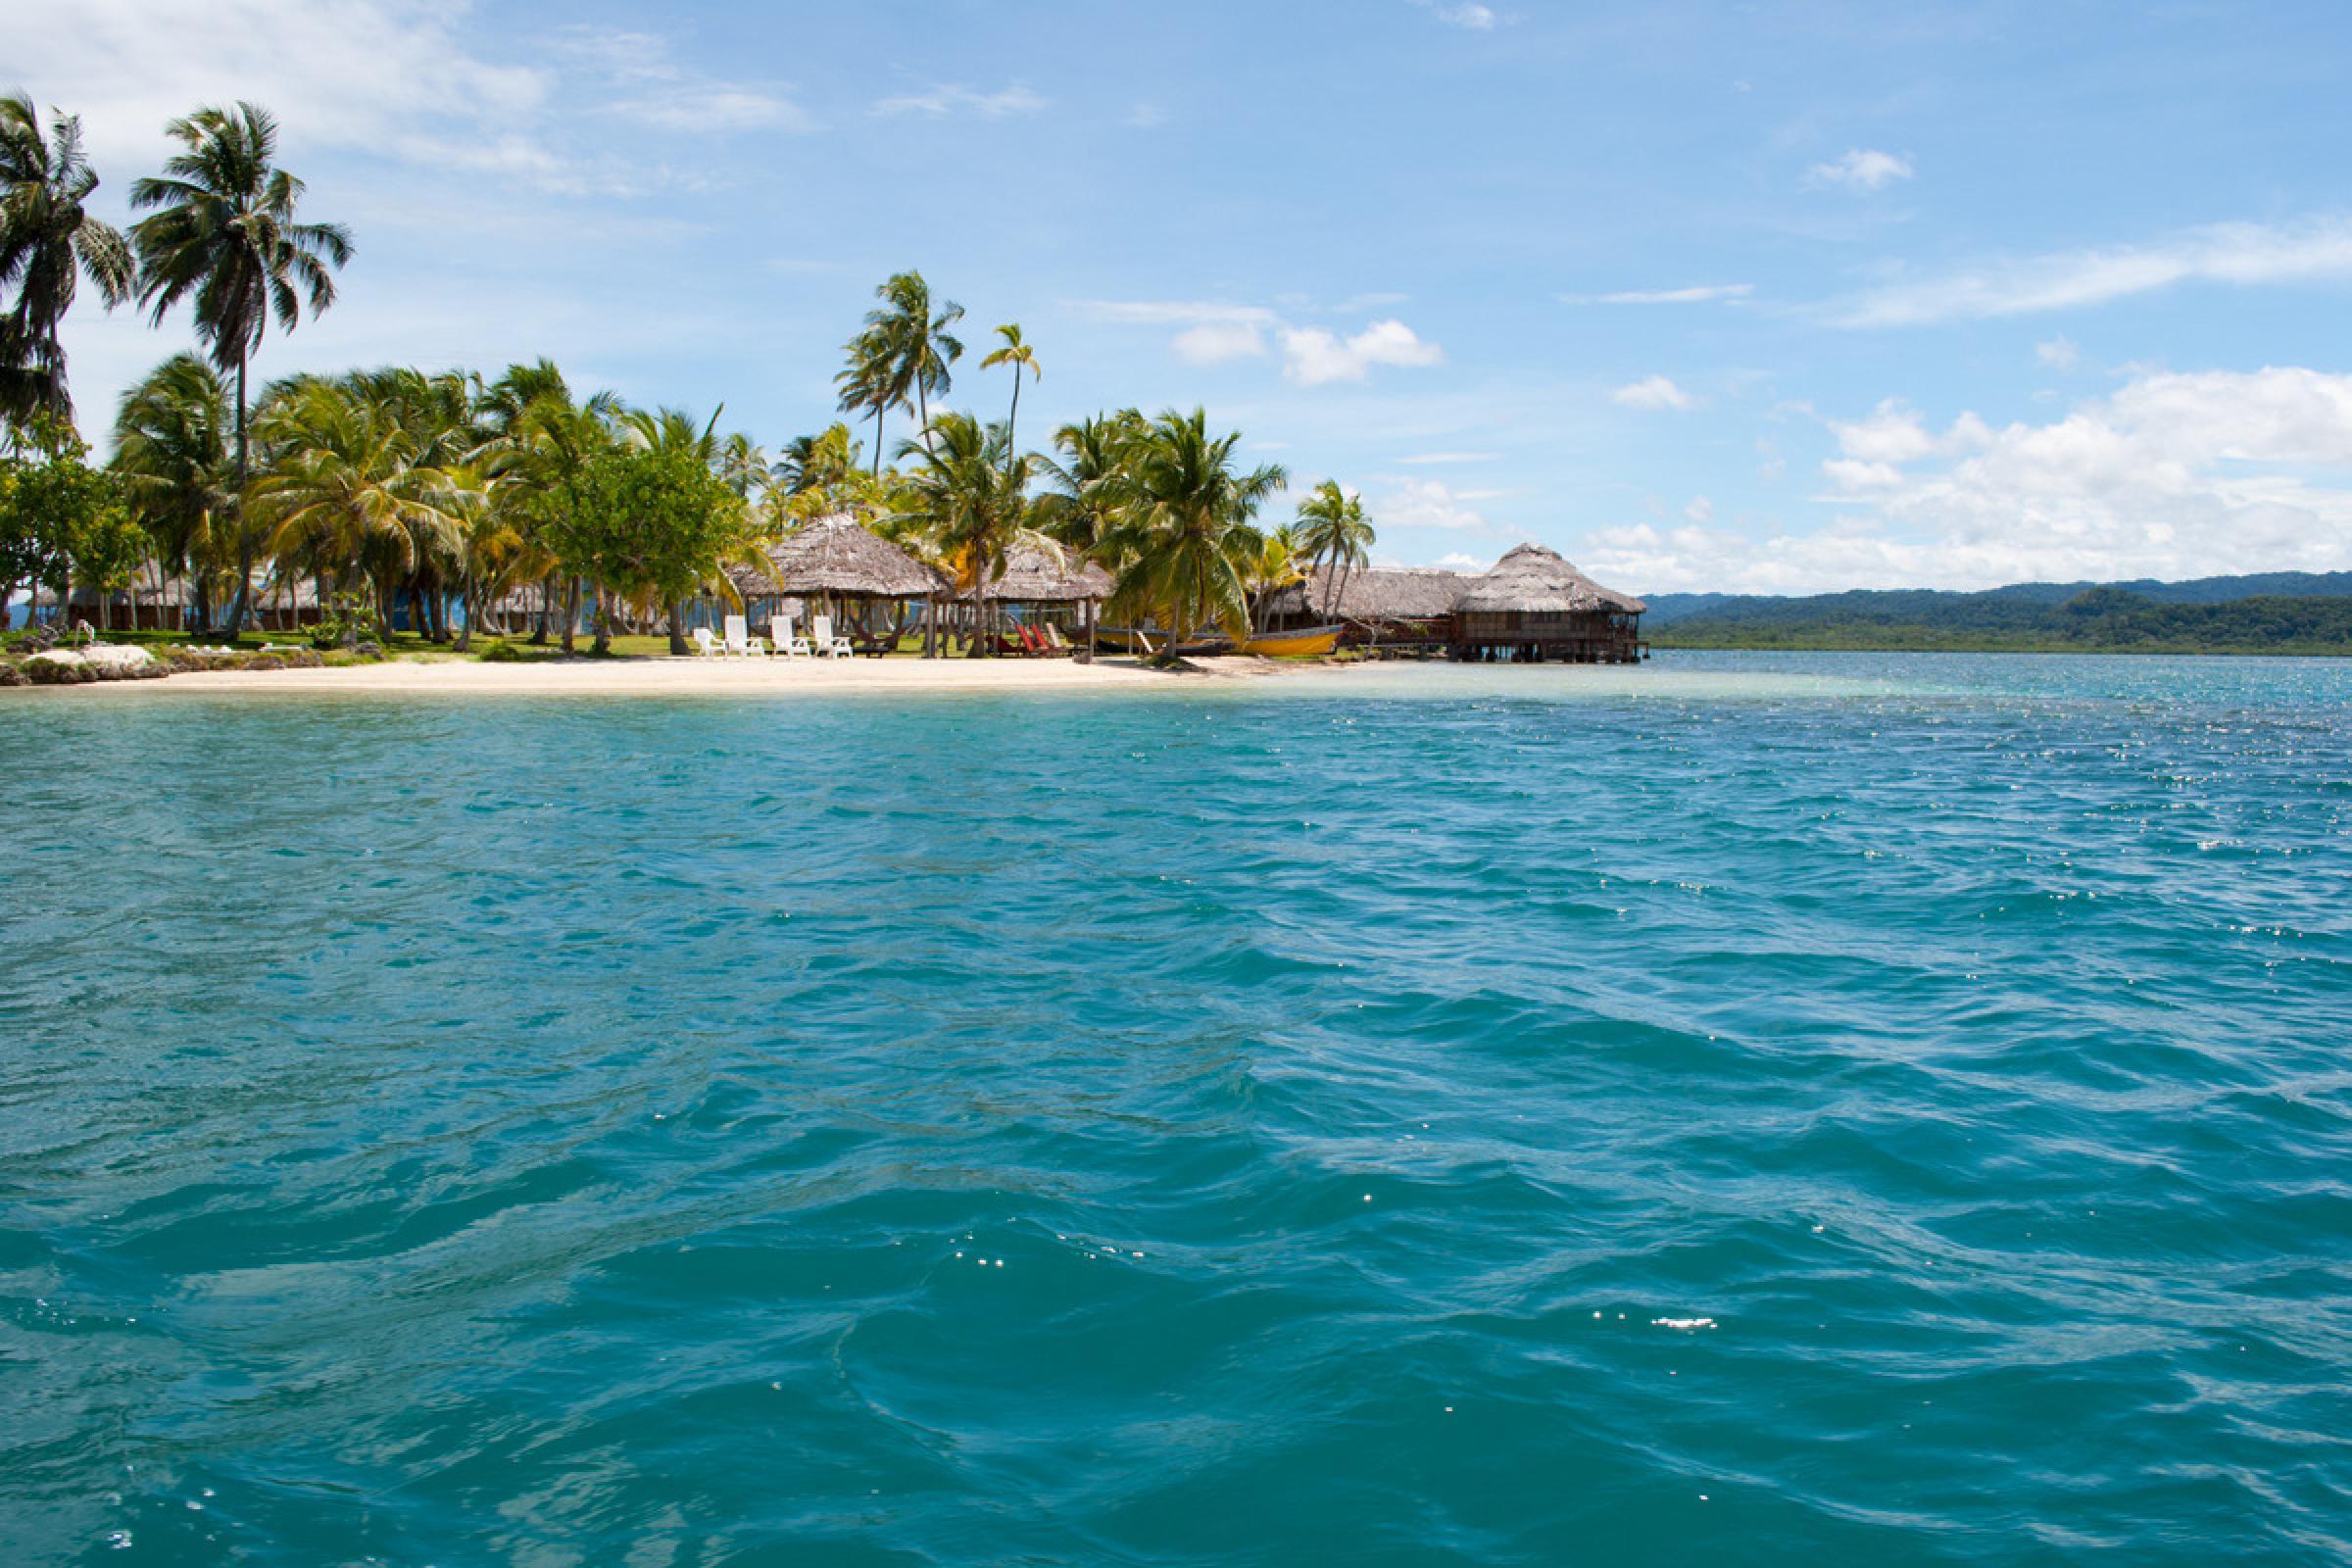 Yandup Island